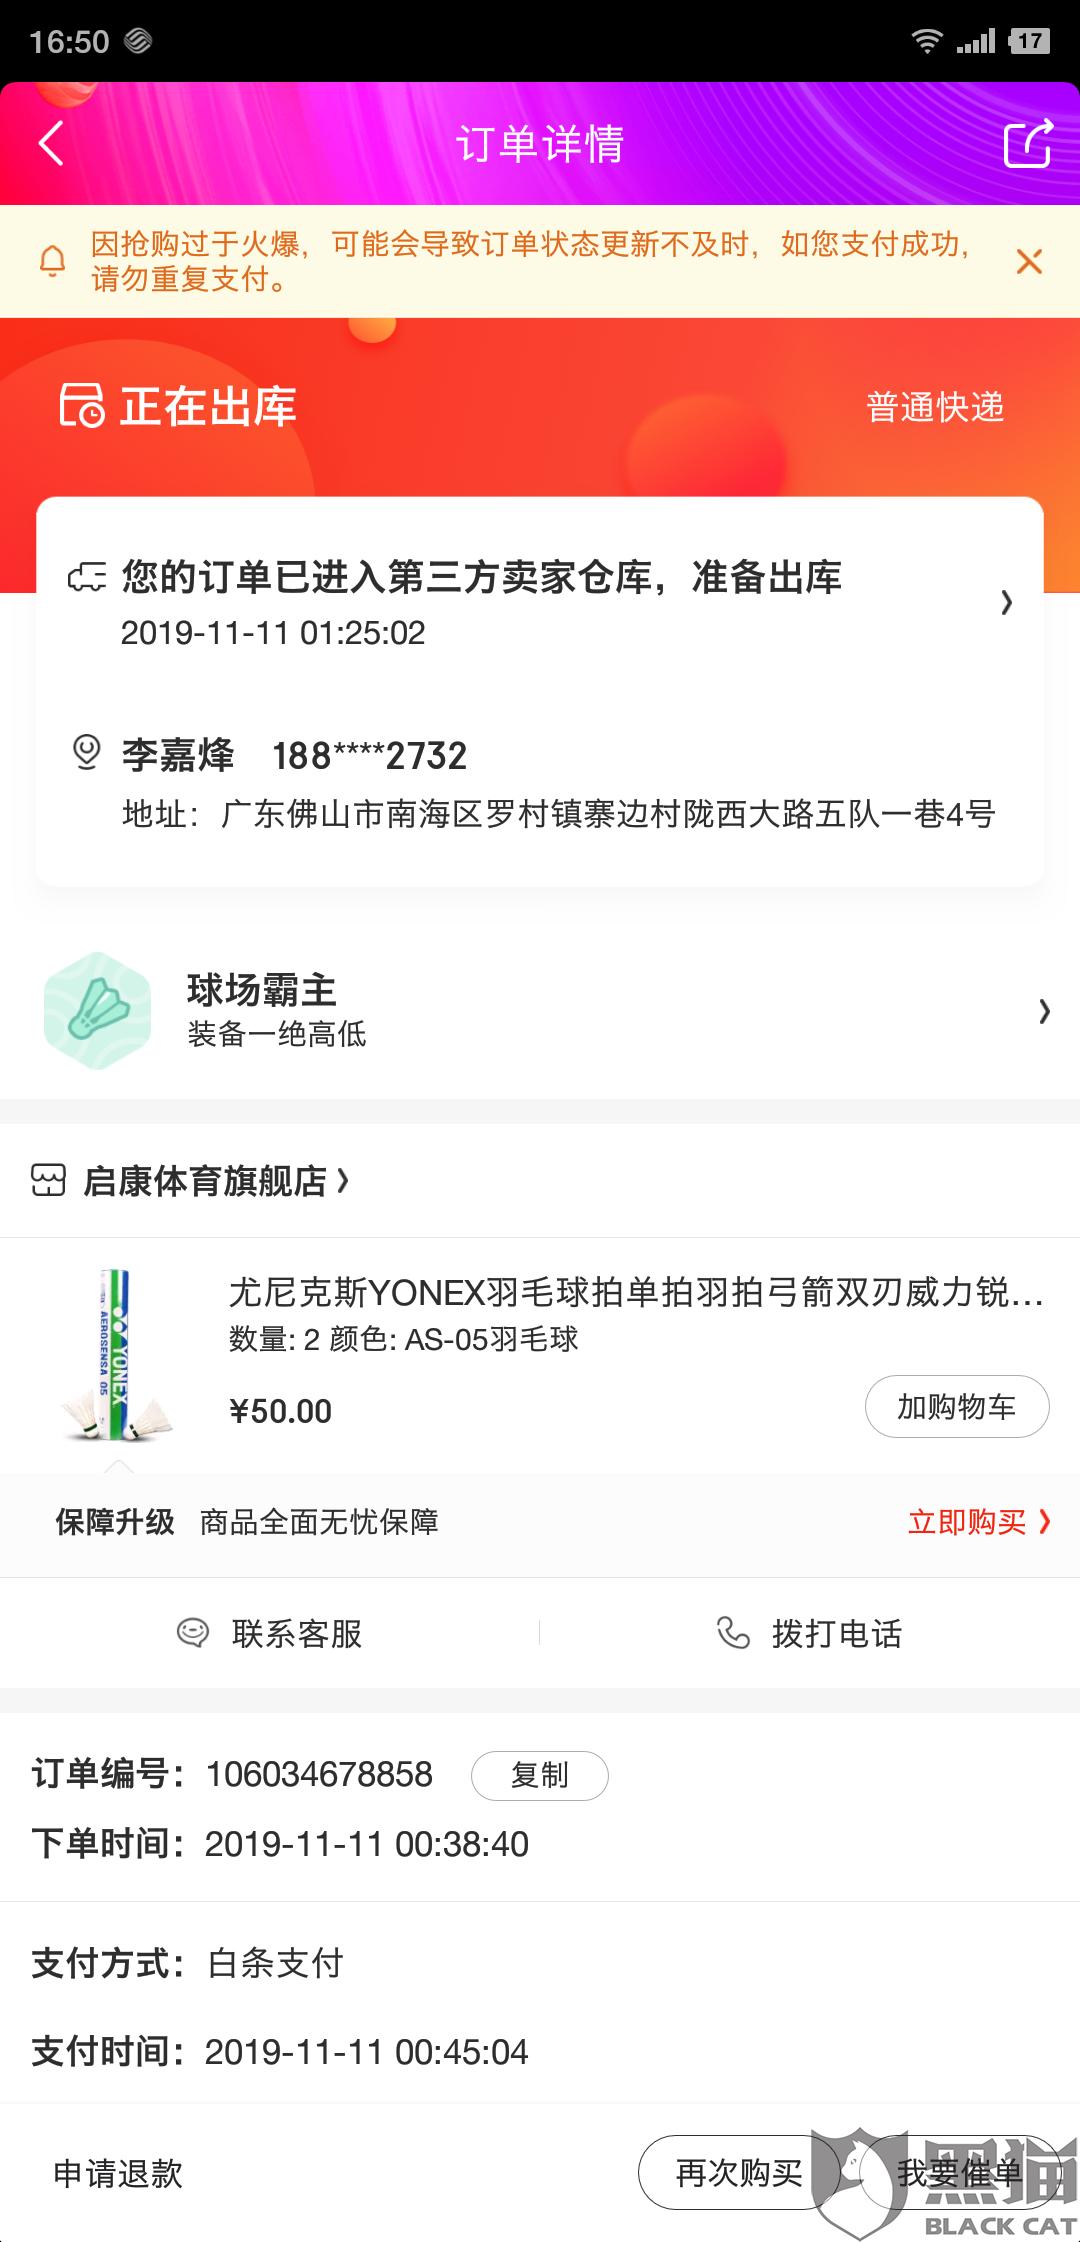 黑猫投诉:双十一京东商城启康体育旗舰店以没货为由要求取消订单退款